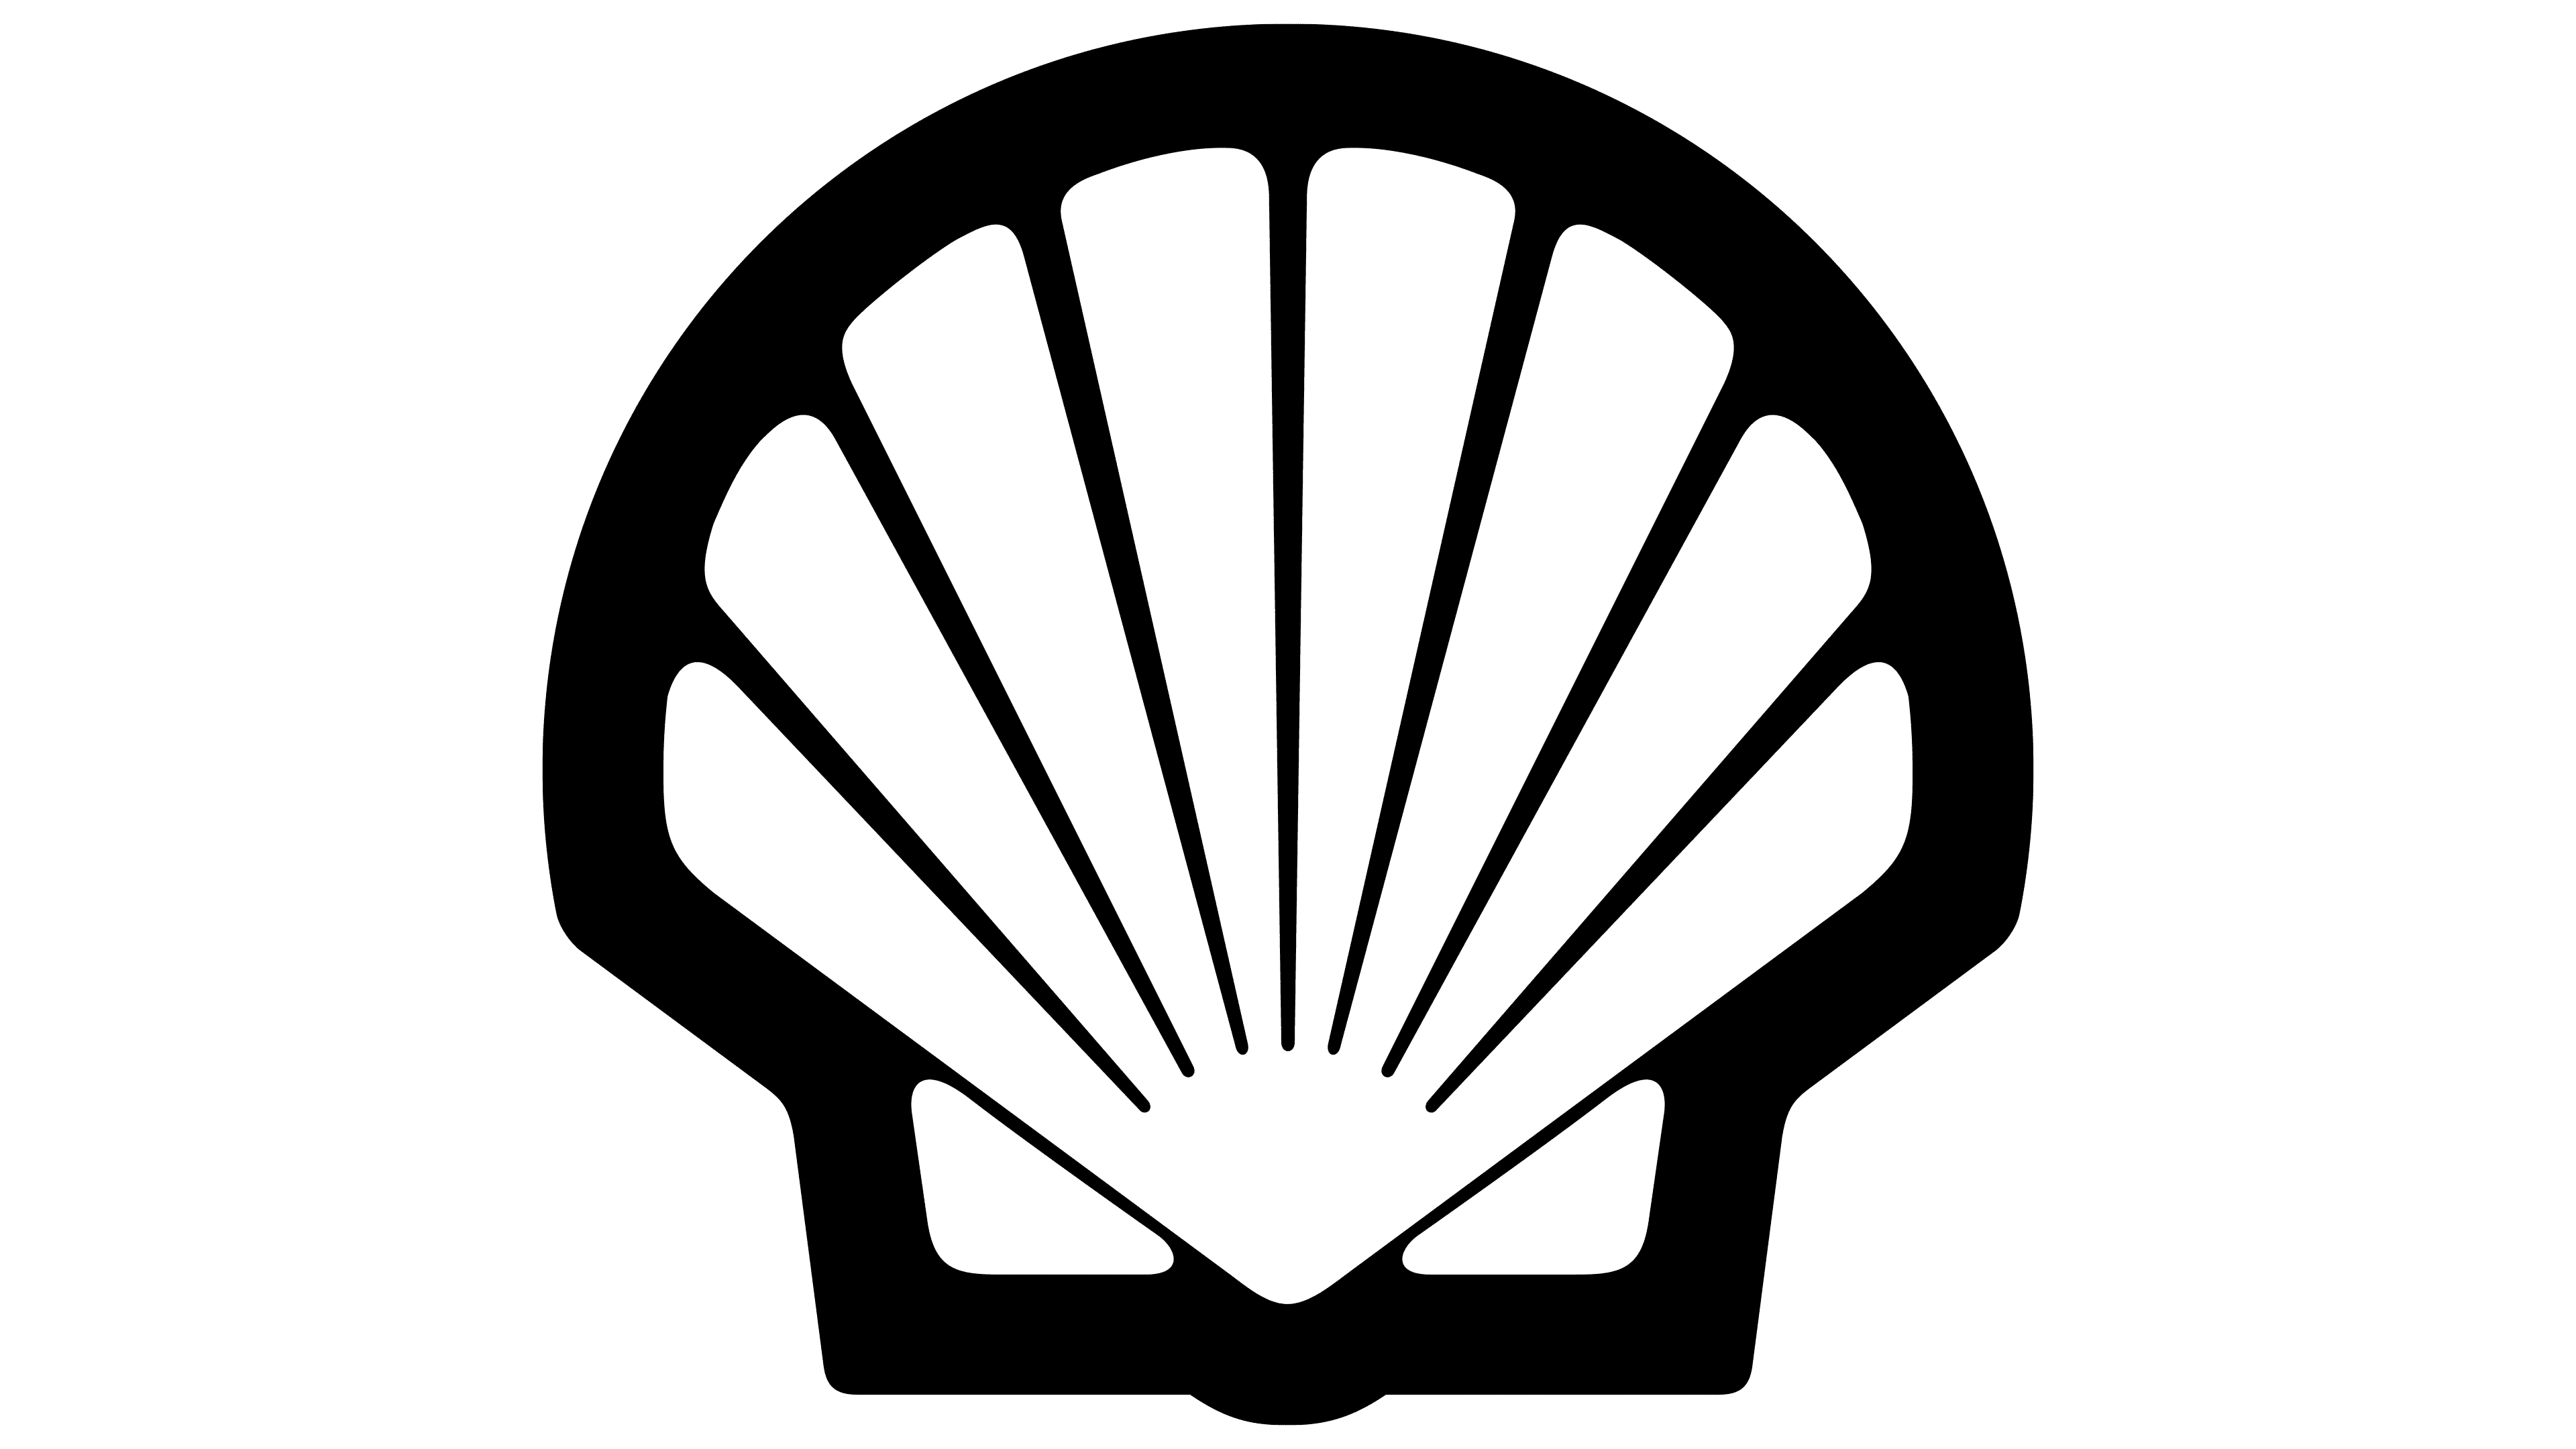 Shell Emblem